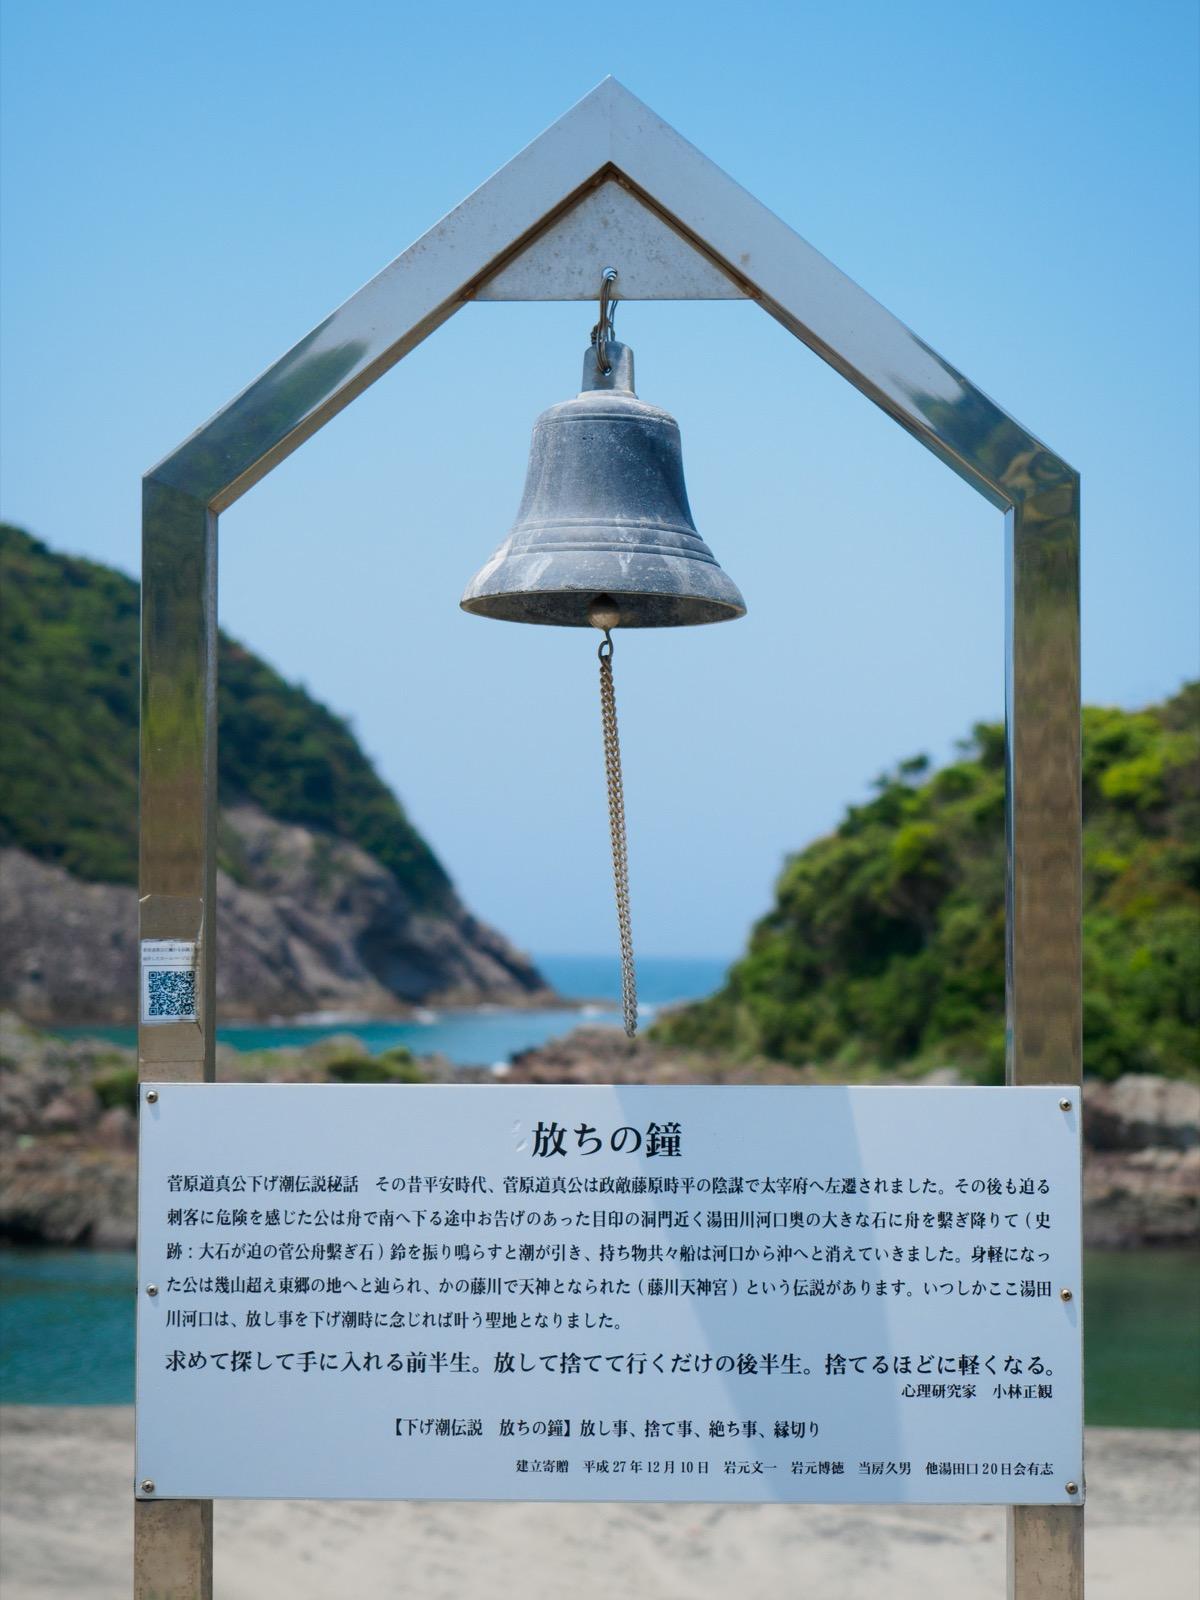 薩摩高城駅のビーチにある「放ちの鐘」